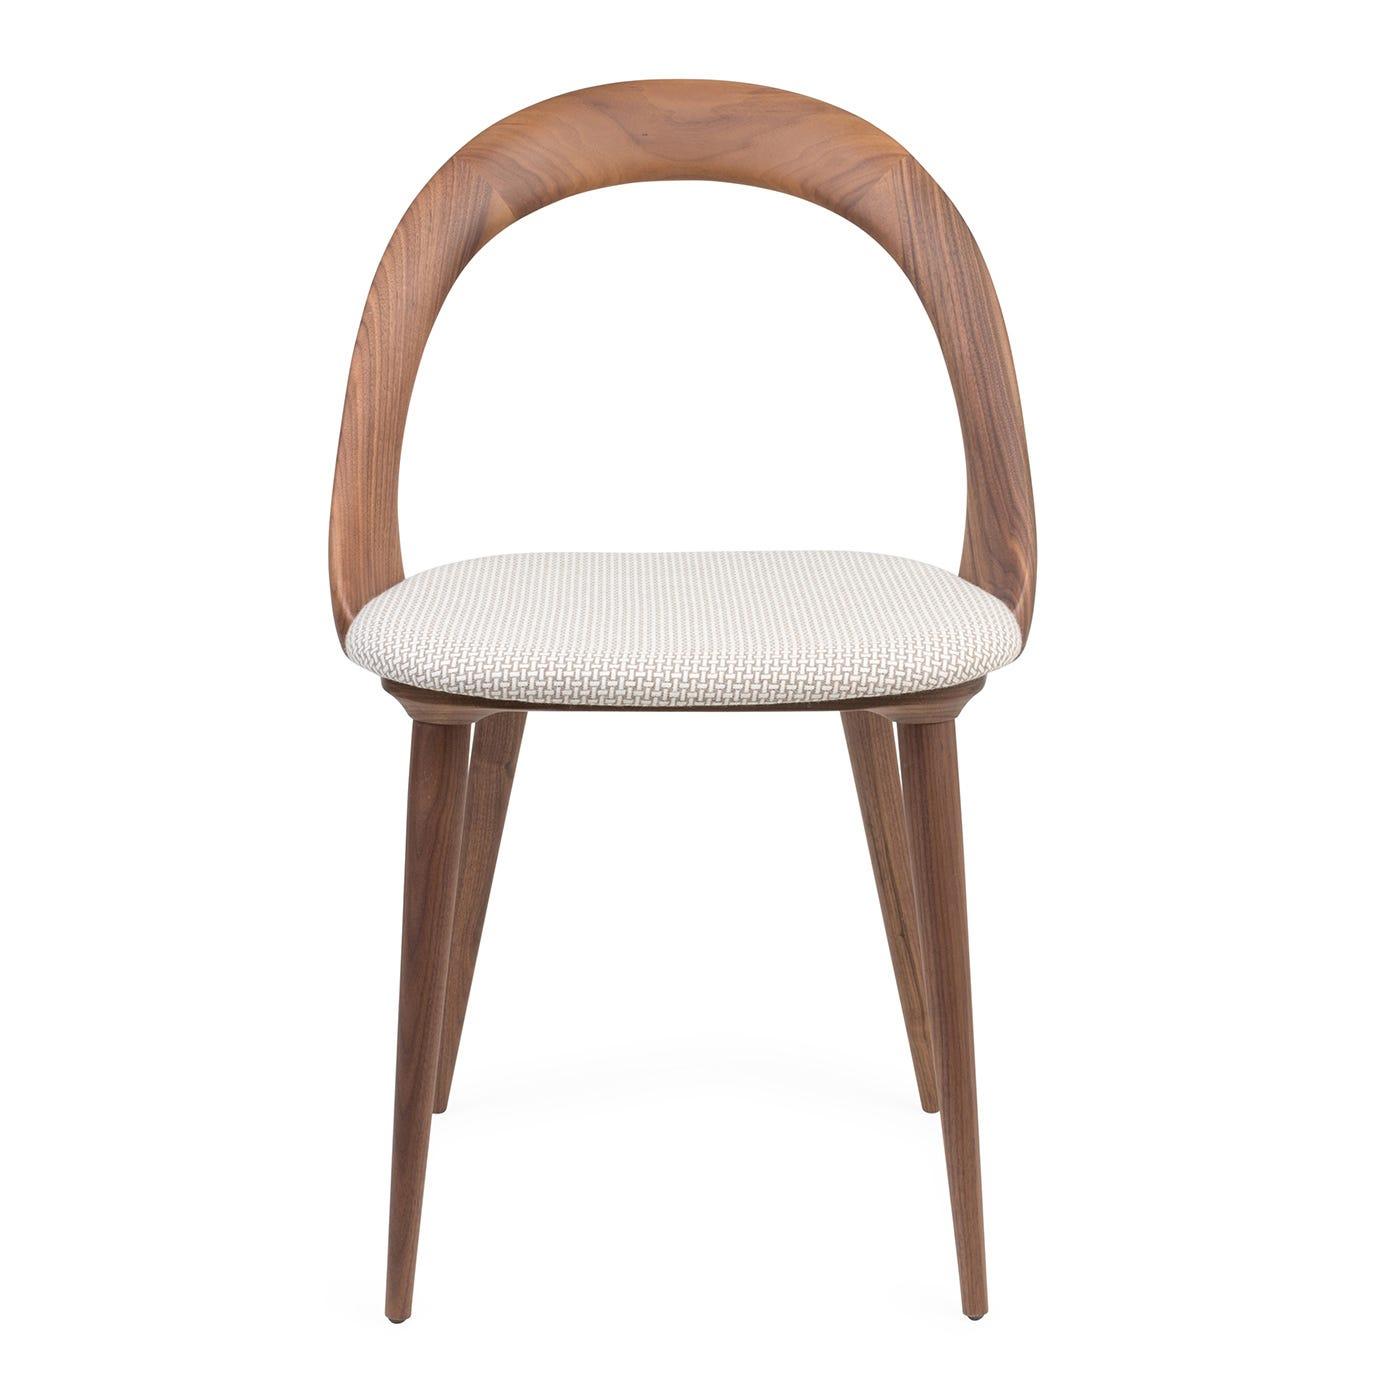 Porada Ester Chair Walnut Var. I 602